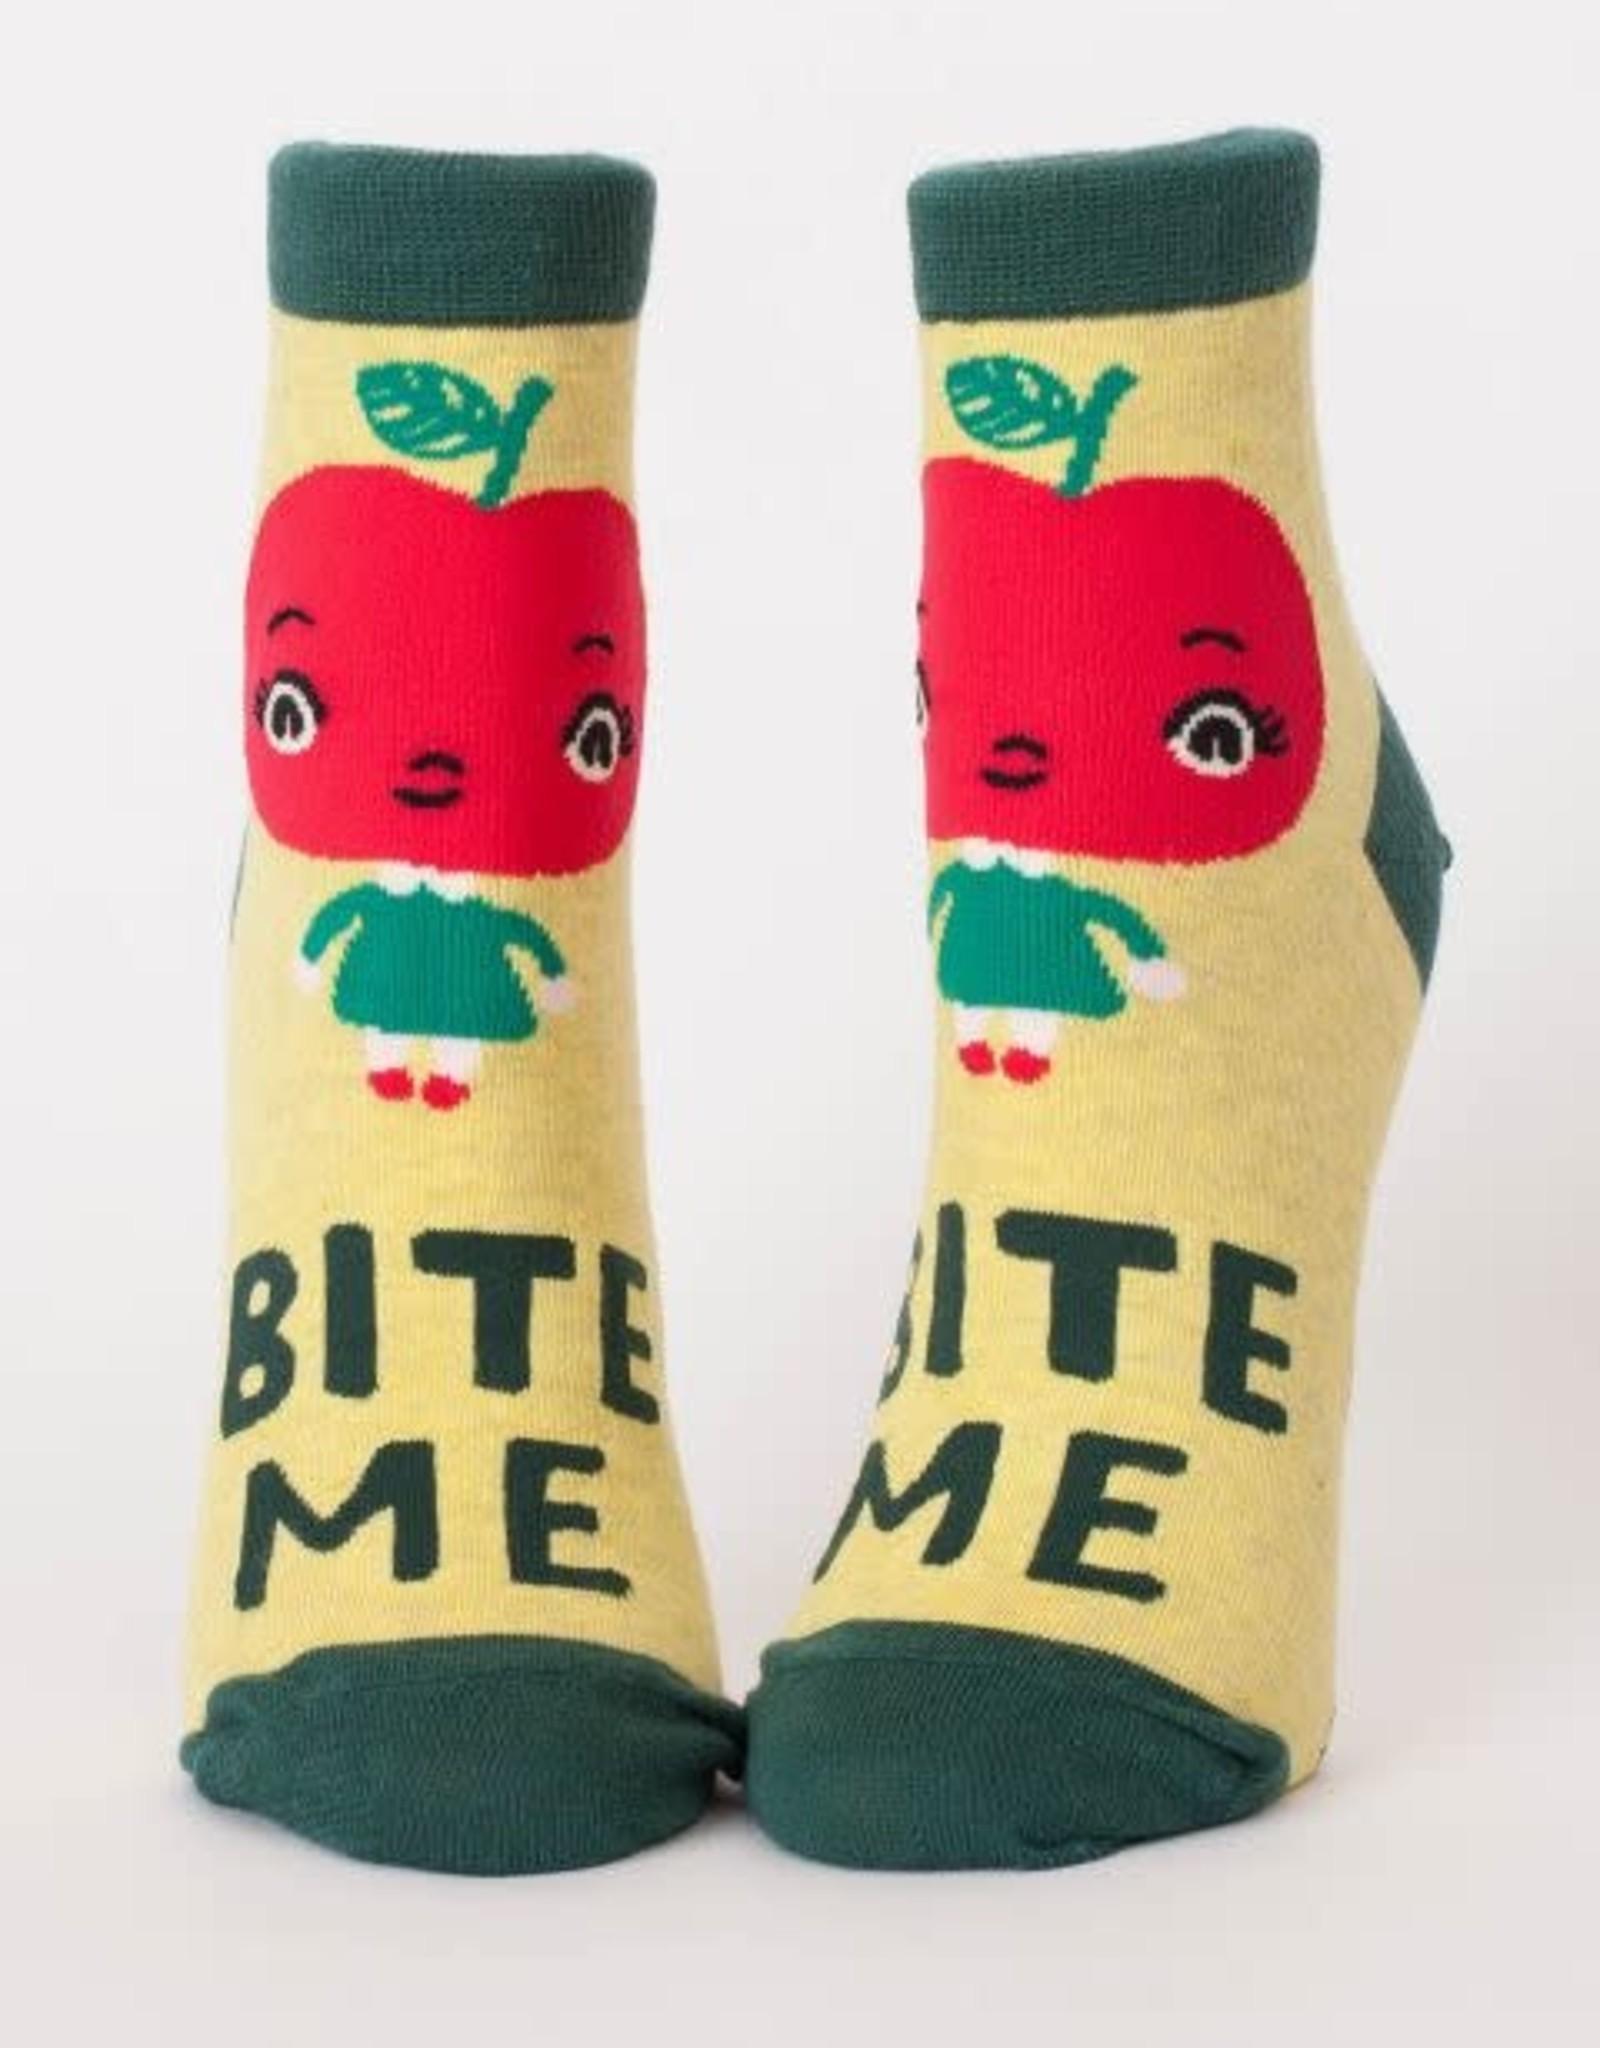 Blue Q Bite Me Ankle Socks - Women's Ankle Socks